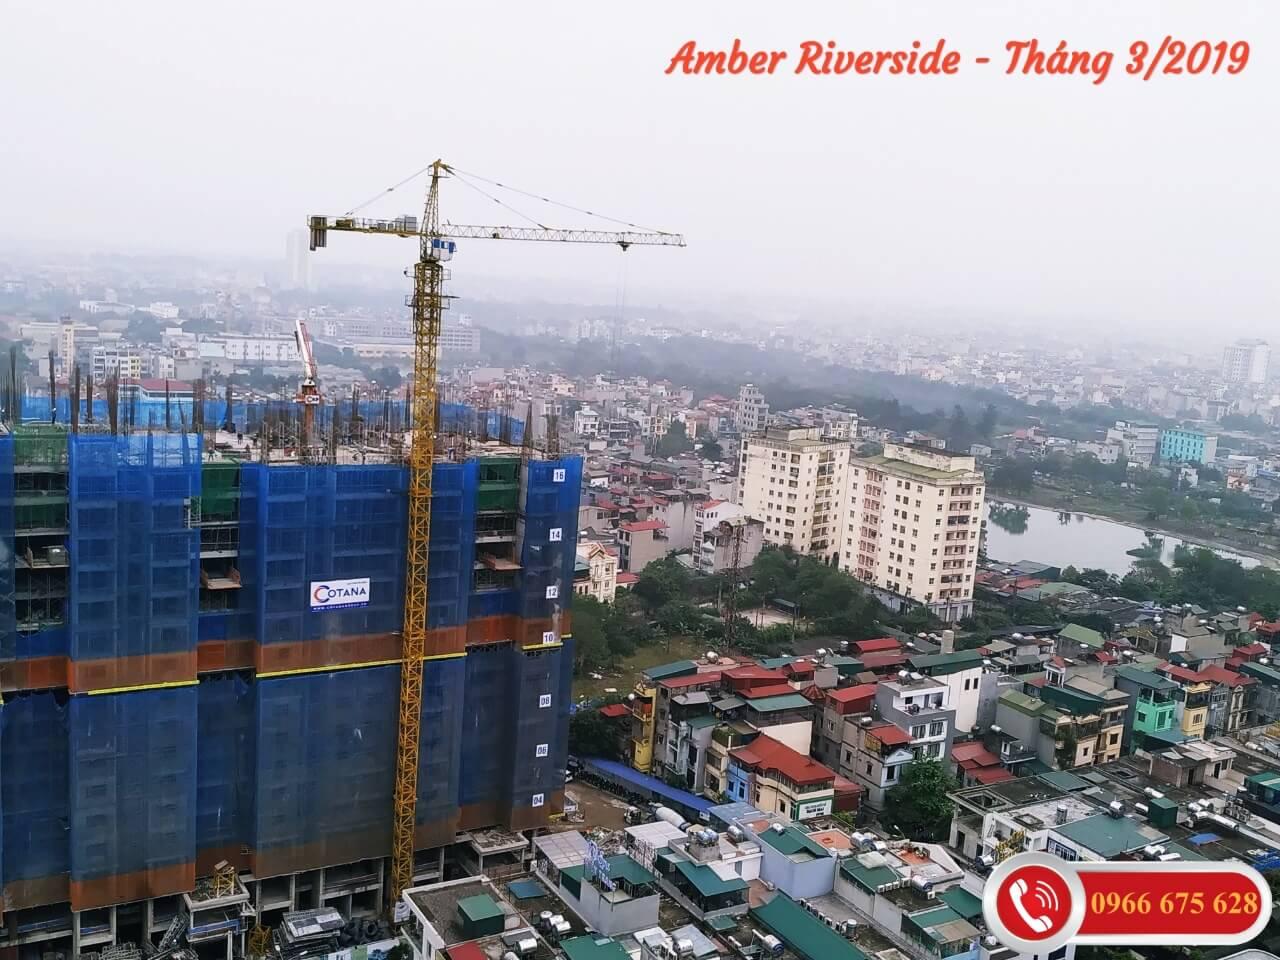 Cập nhật tiến độ xây dựng chung cư Amber Riverside ngày 24/03